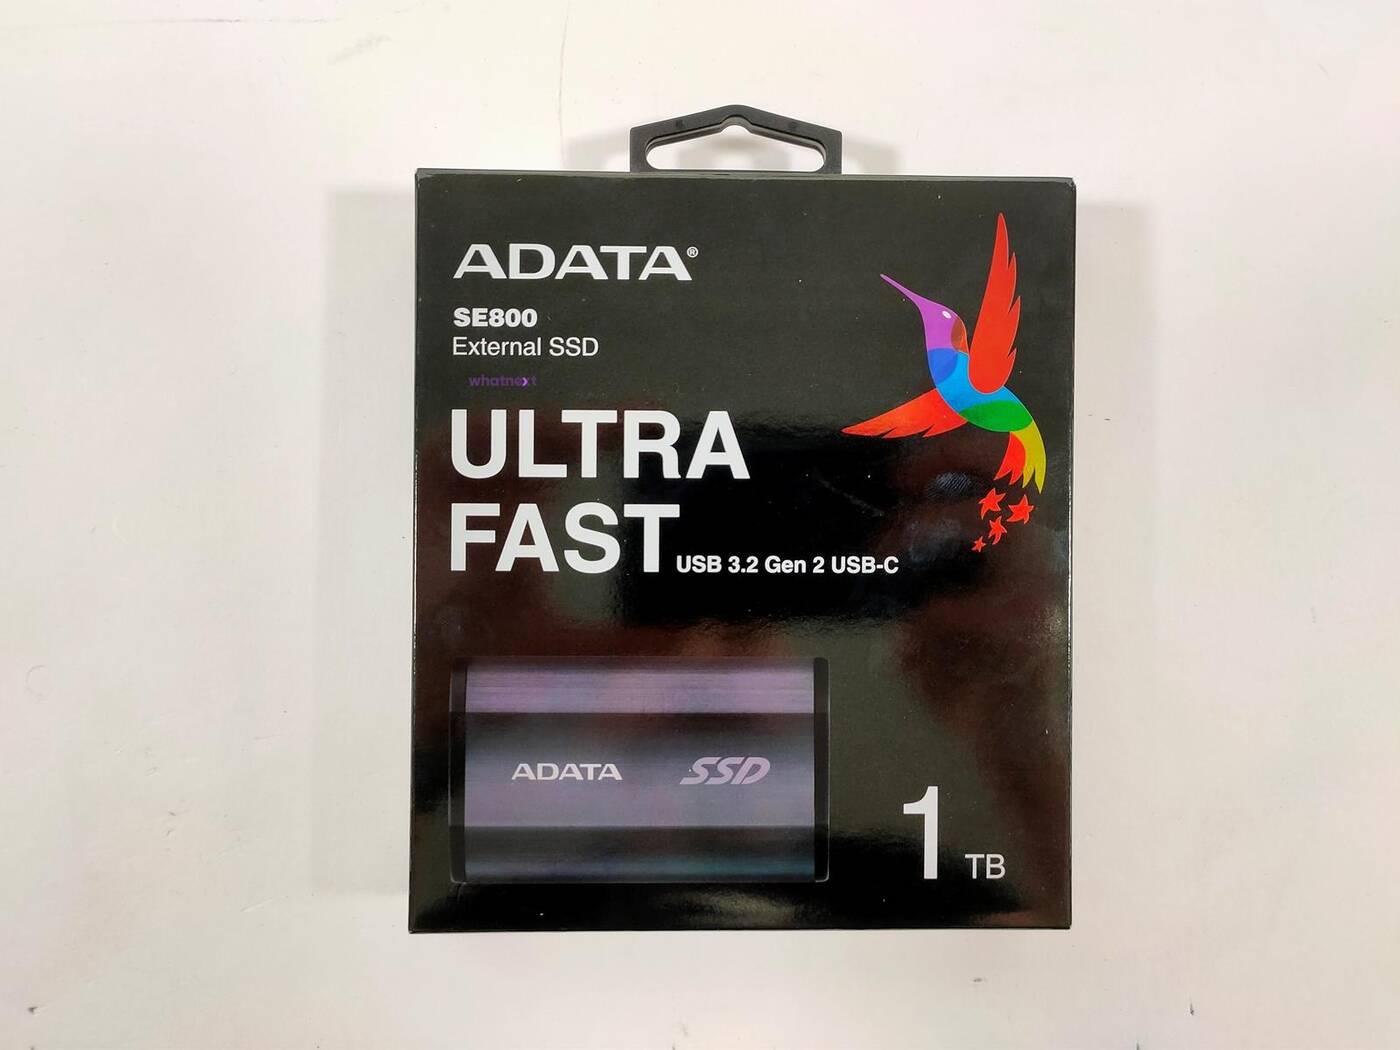 test ADATA SE800 1 TB, recenzja ADATA SE800 1 TB, review ADATA SE800 1 TB, opinia ADATA SE800 1 TB, wydajność ADATA SE800 1 TB